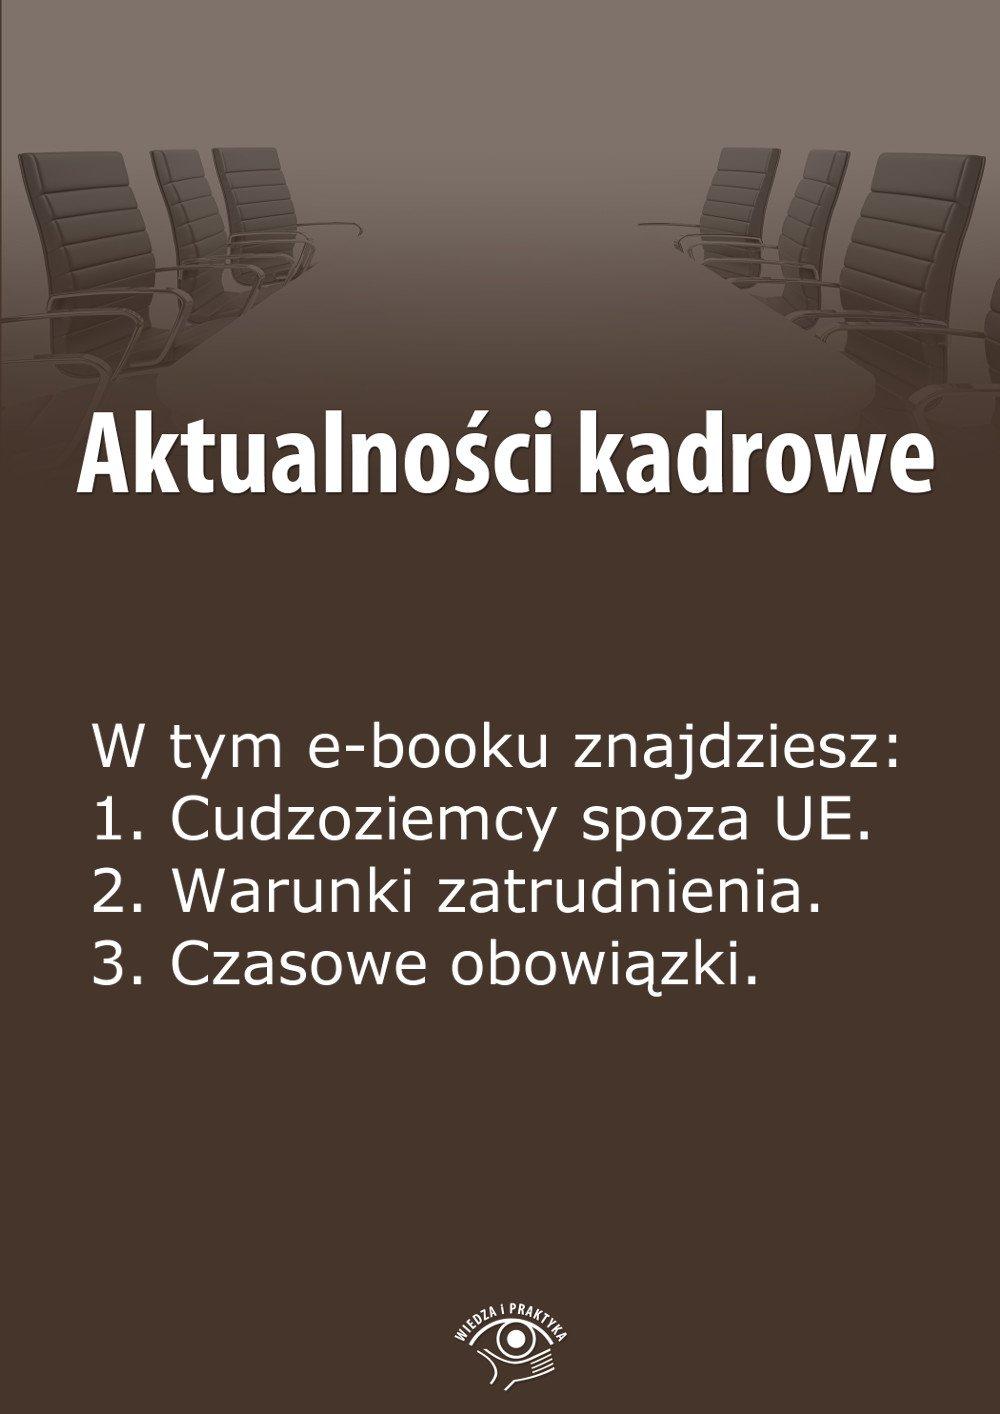 Aktualności kadrowe. Wydanie maj 2014 r. - Ebook (Książka EPUB) do pobrania w formacie EPUB